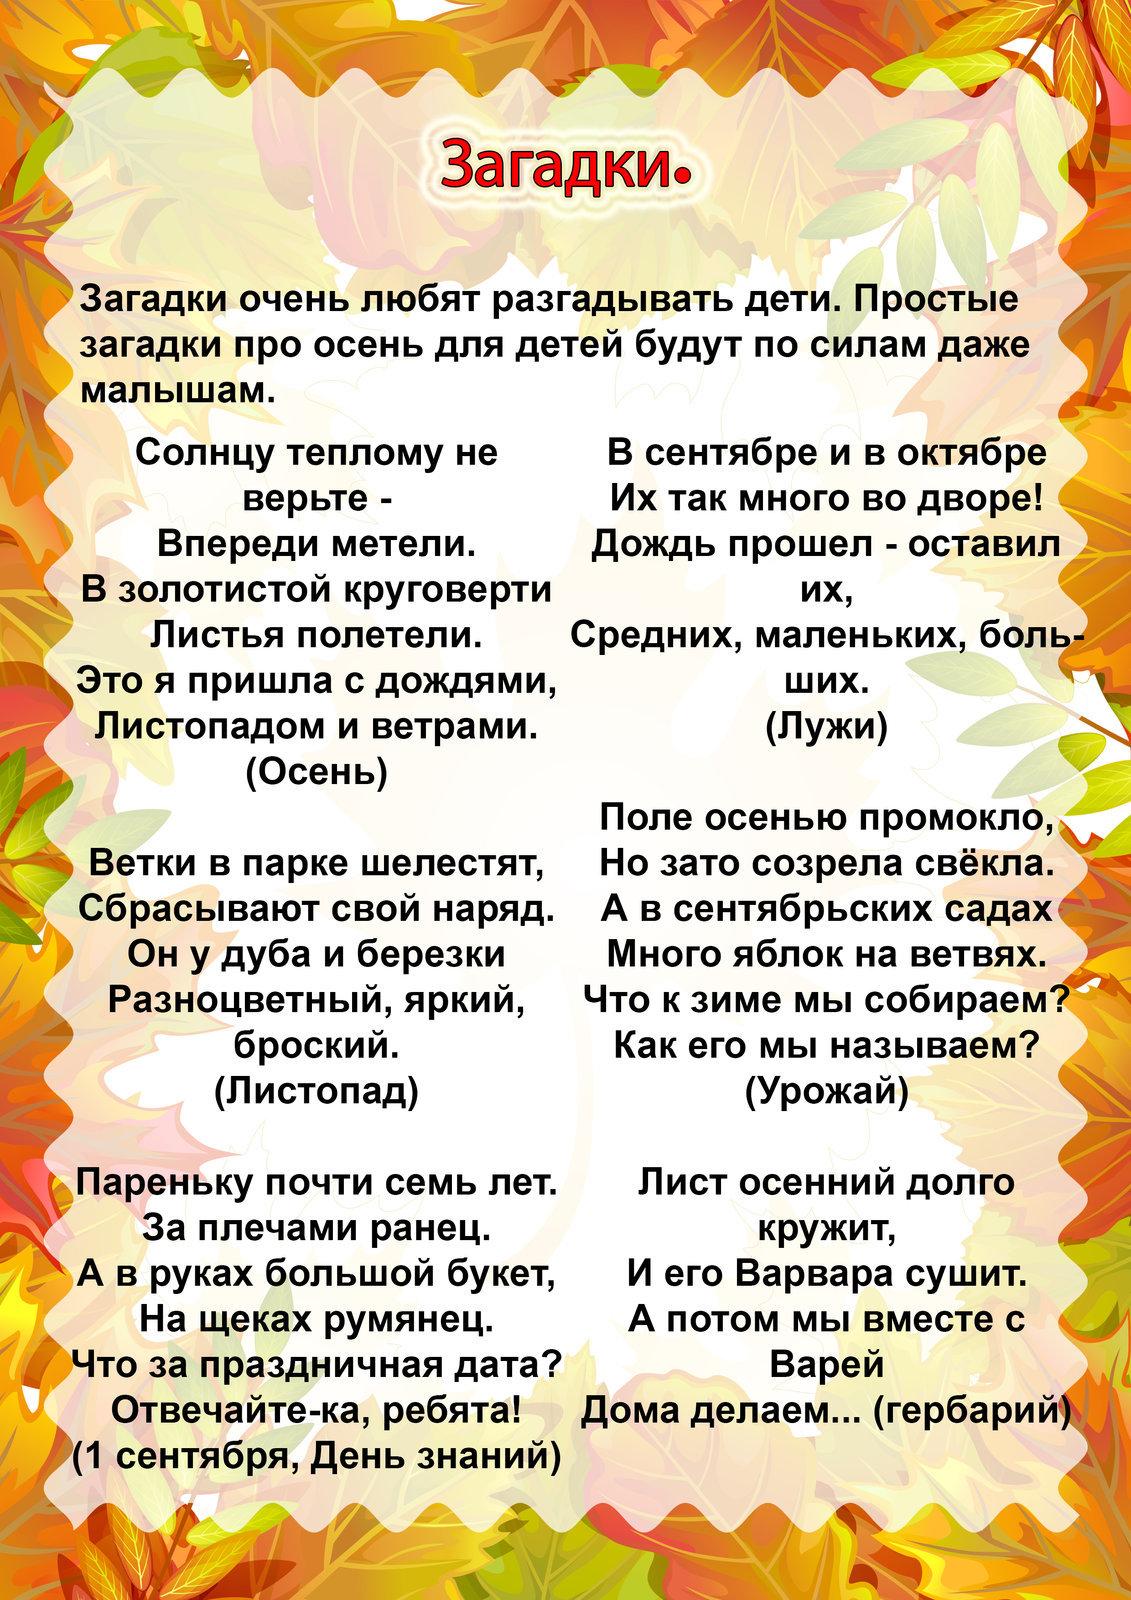 Загадки для детей про осень с картинками для начинающих